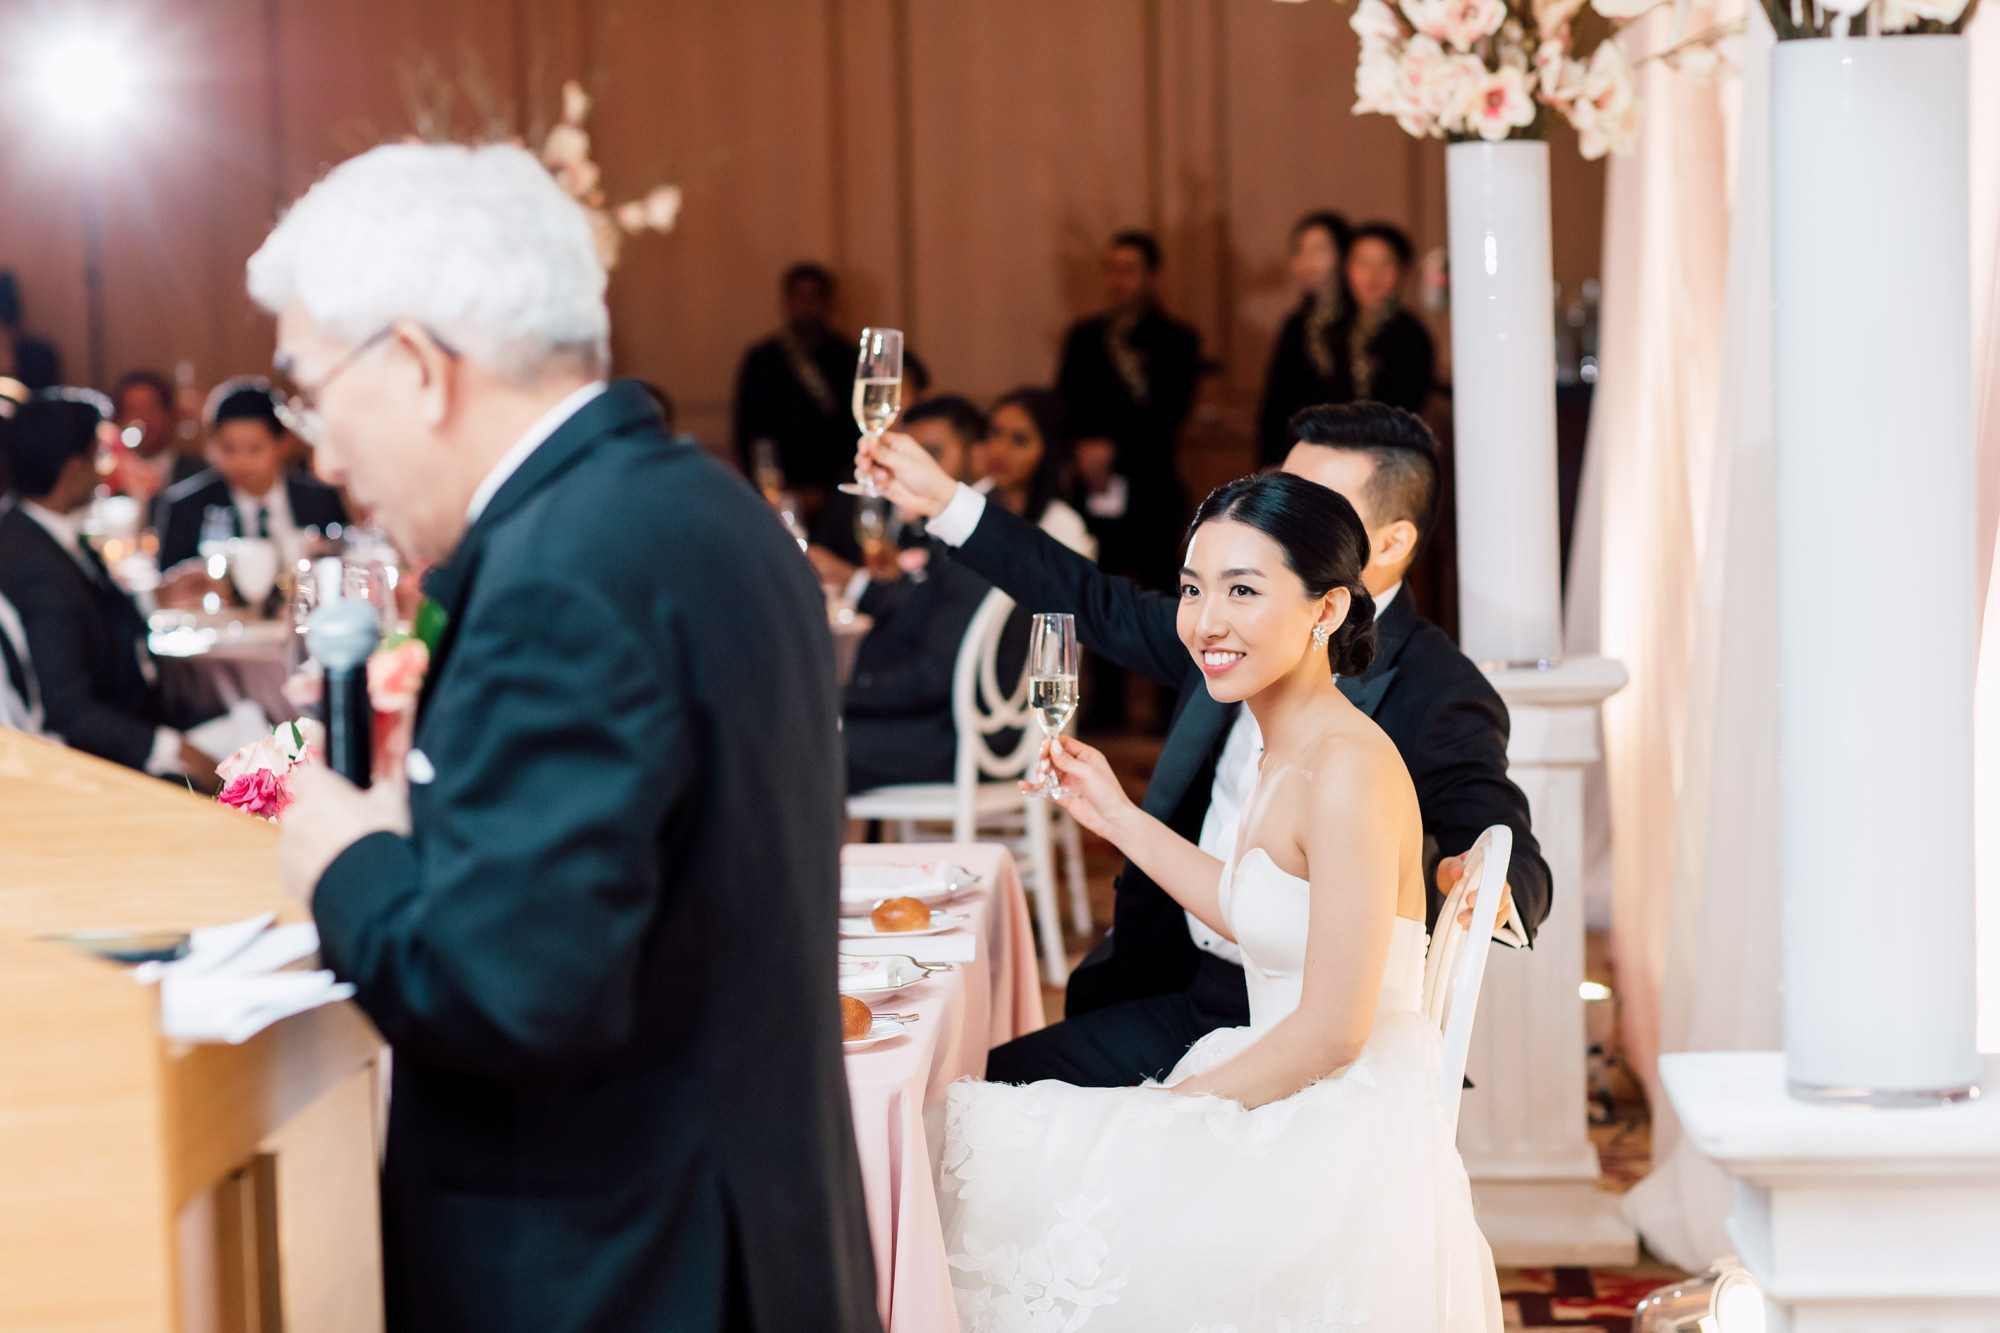 candid wedding photo